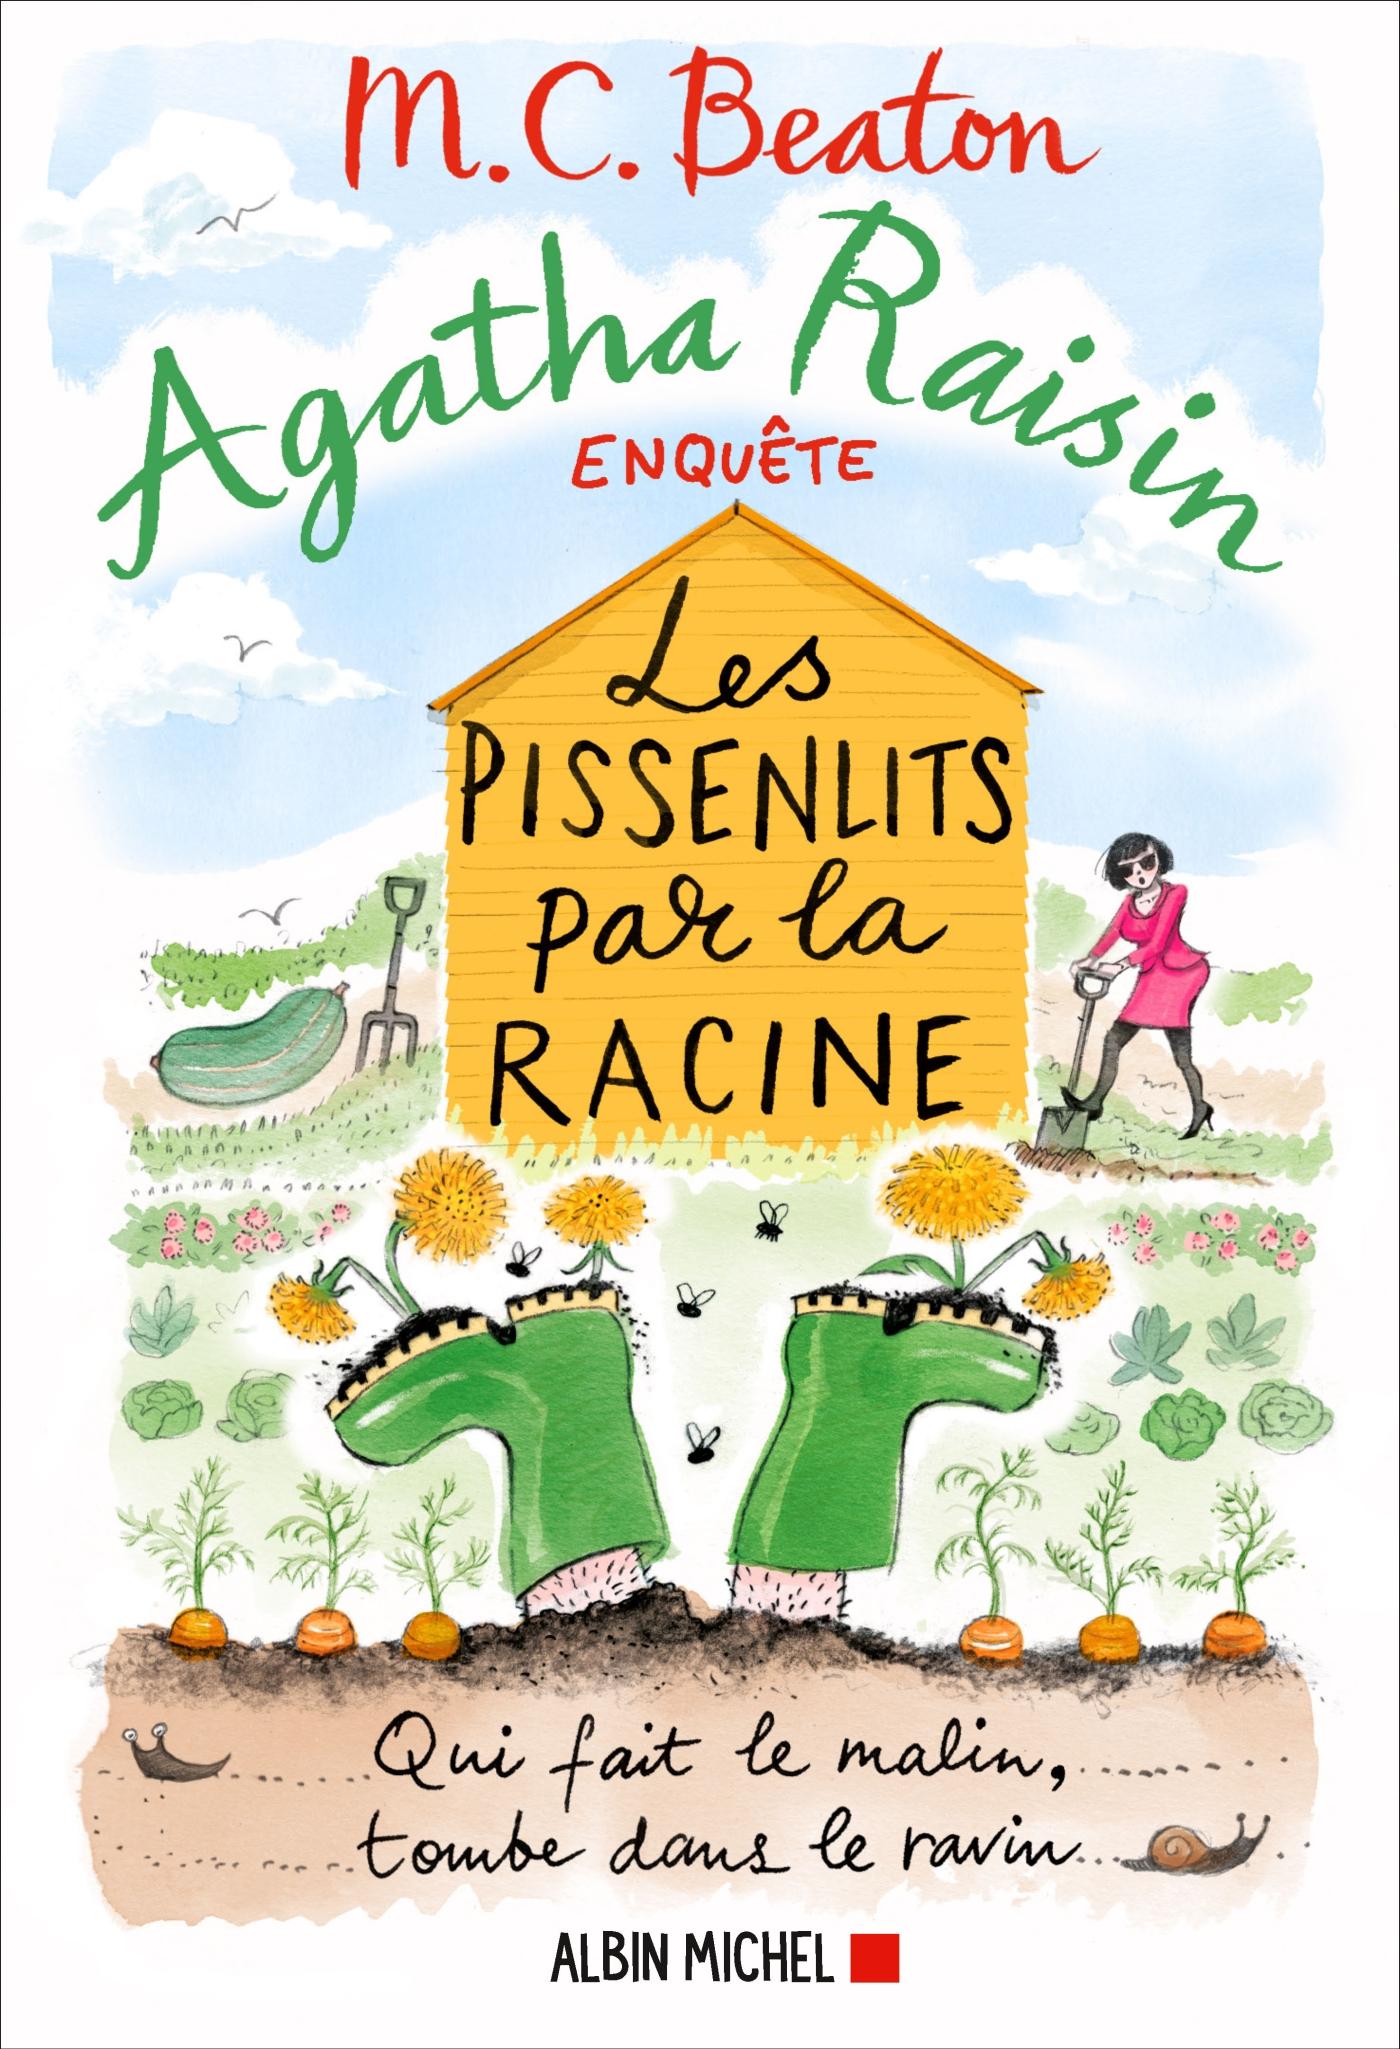 Agatha Raisin enquête 27 - Les pissenlits par la racine | Beaton, M. C.. Auteur